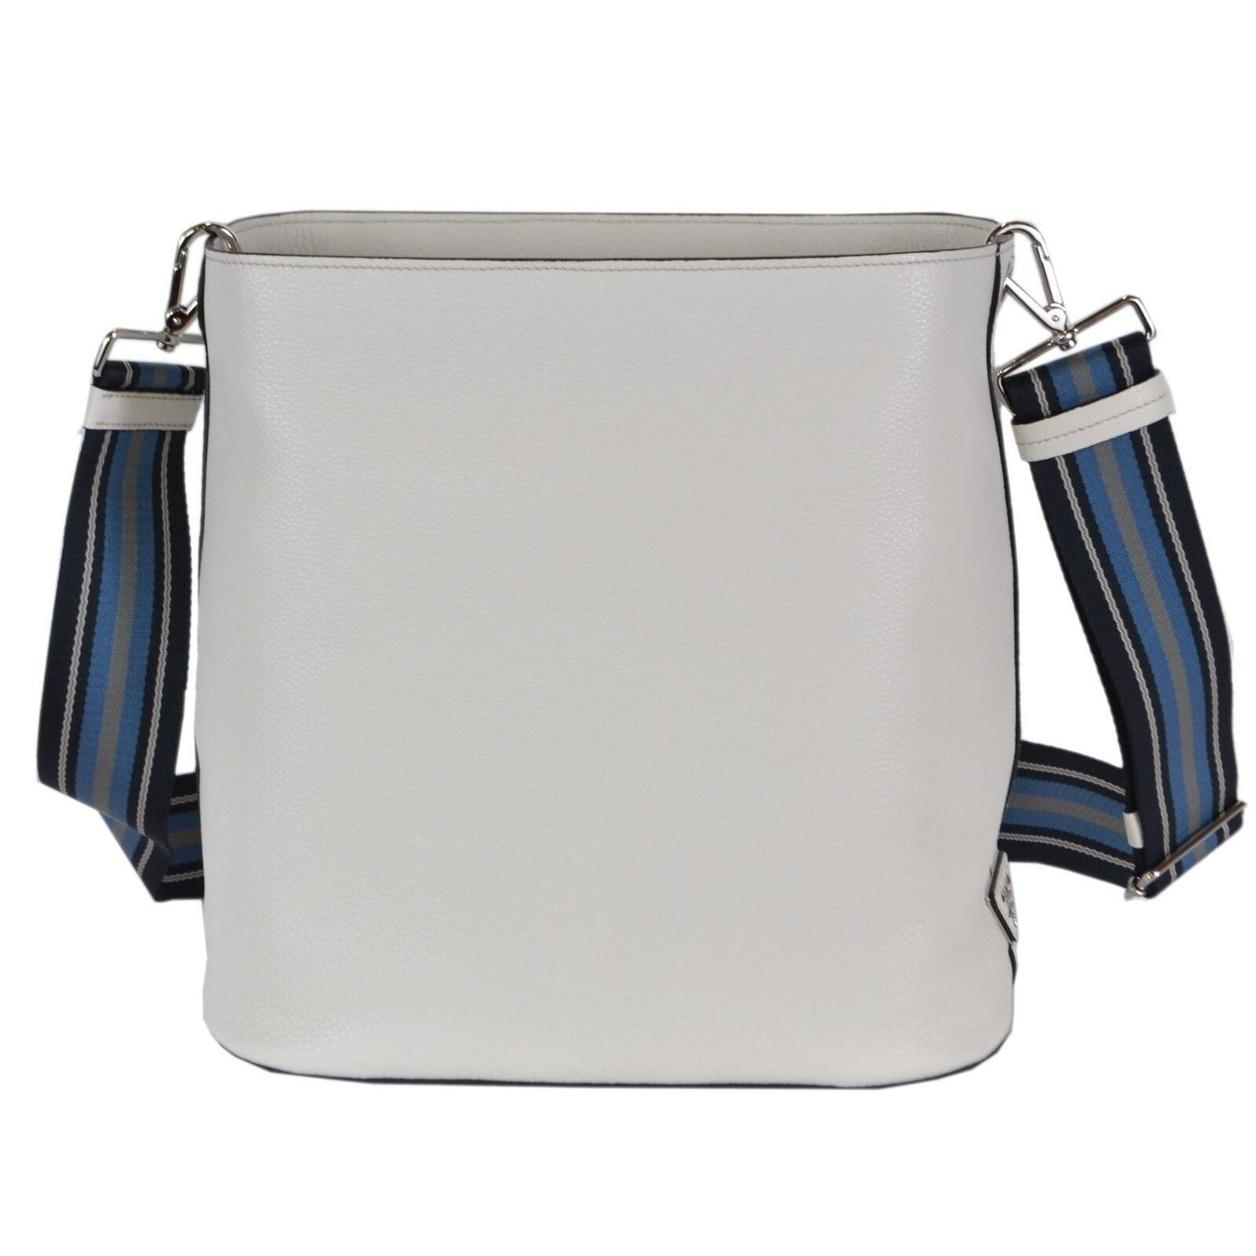 e07f961a2051c7 Shop Prada 1BE023 Vitello Secchiello White Leather Embossed Logo Crossbody  Purse - Talco White - Free Shipping Today - Overstock - 27974280